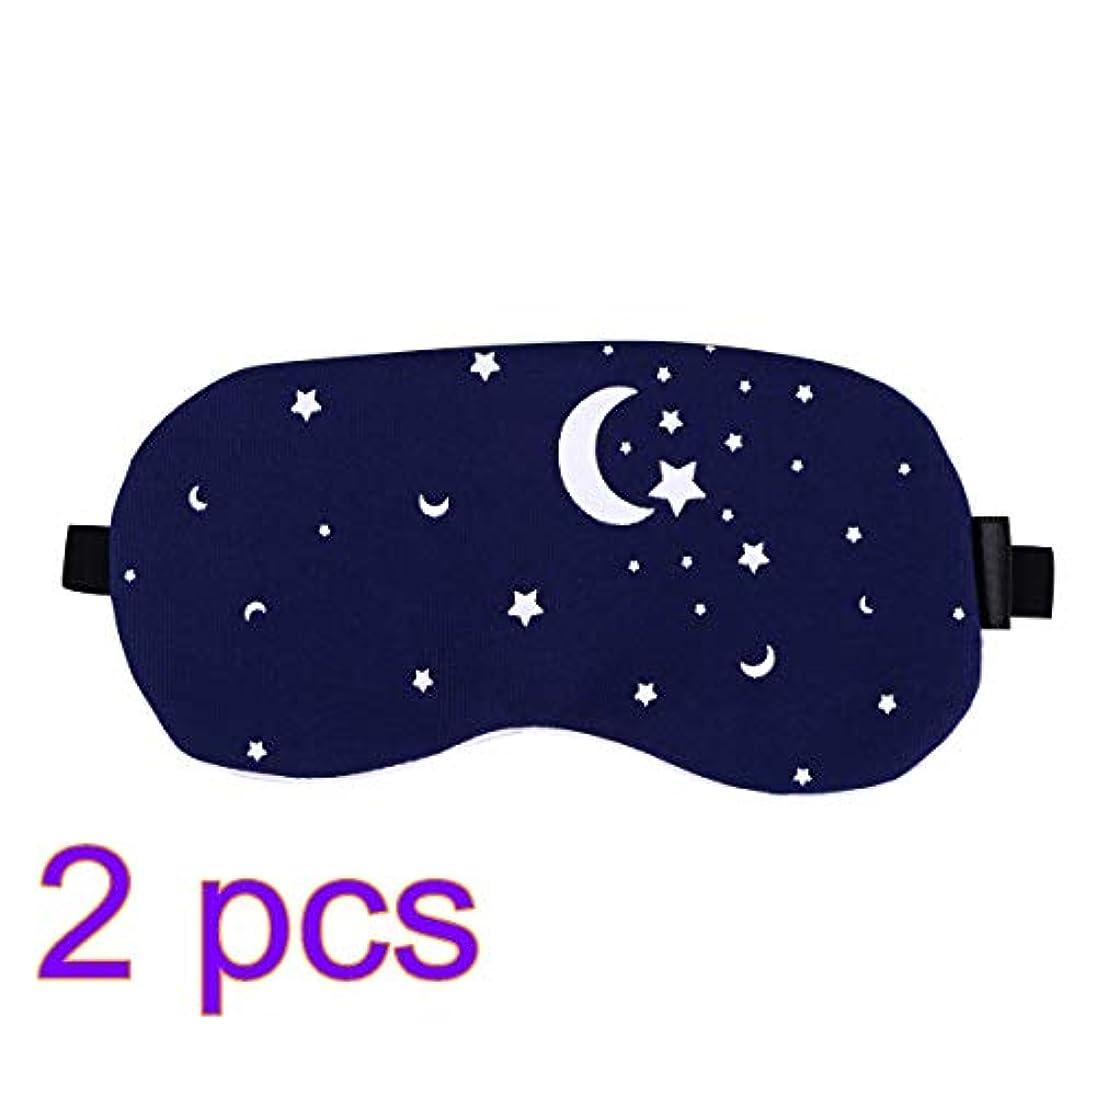 心配するいっぱいポップHealifty コットンとリネンアイスリーピングマスクブラインドパッチアジャストストラップコールド/ホットジェルストレス緩和用女性のためのふくらんでいる目の頭痛を解消2pcs(Starry Sky)